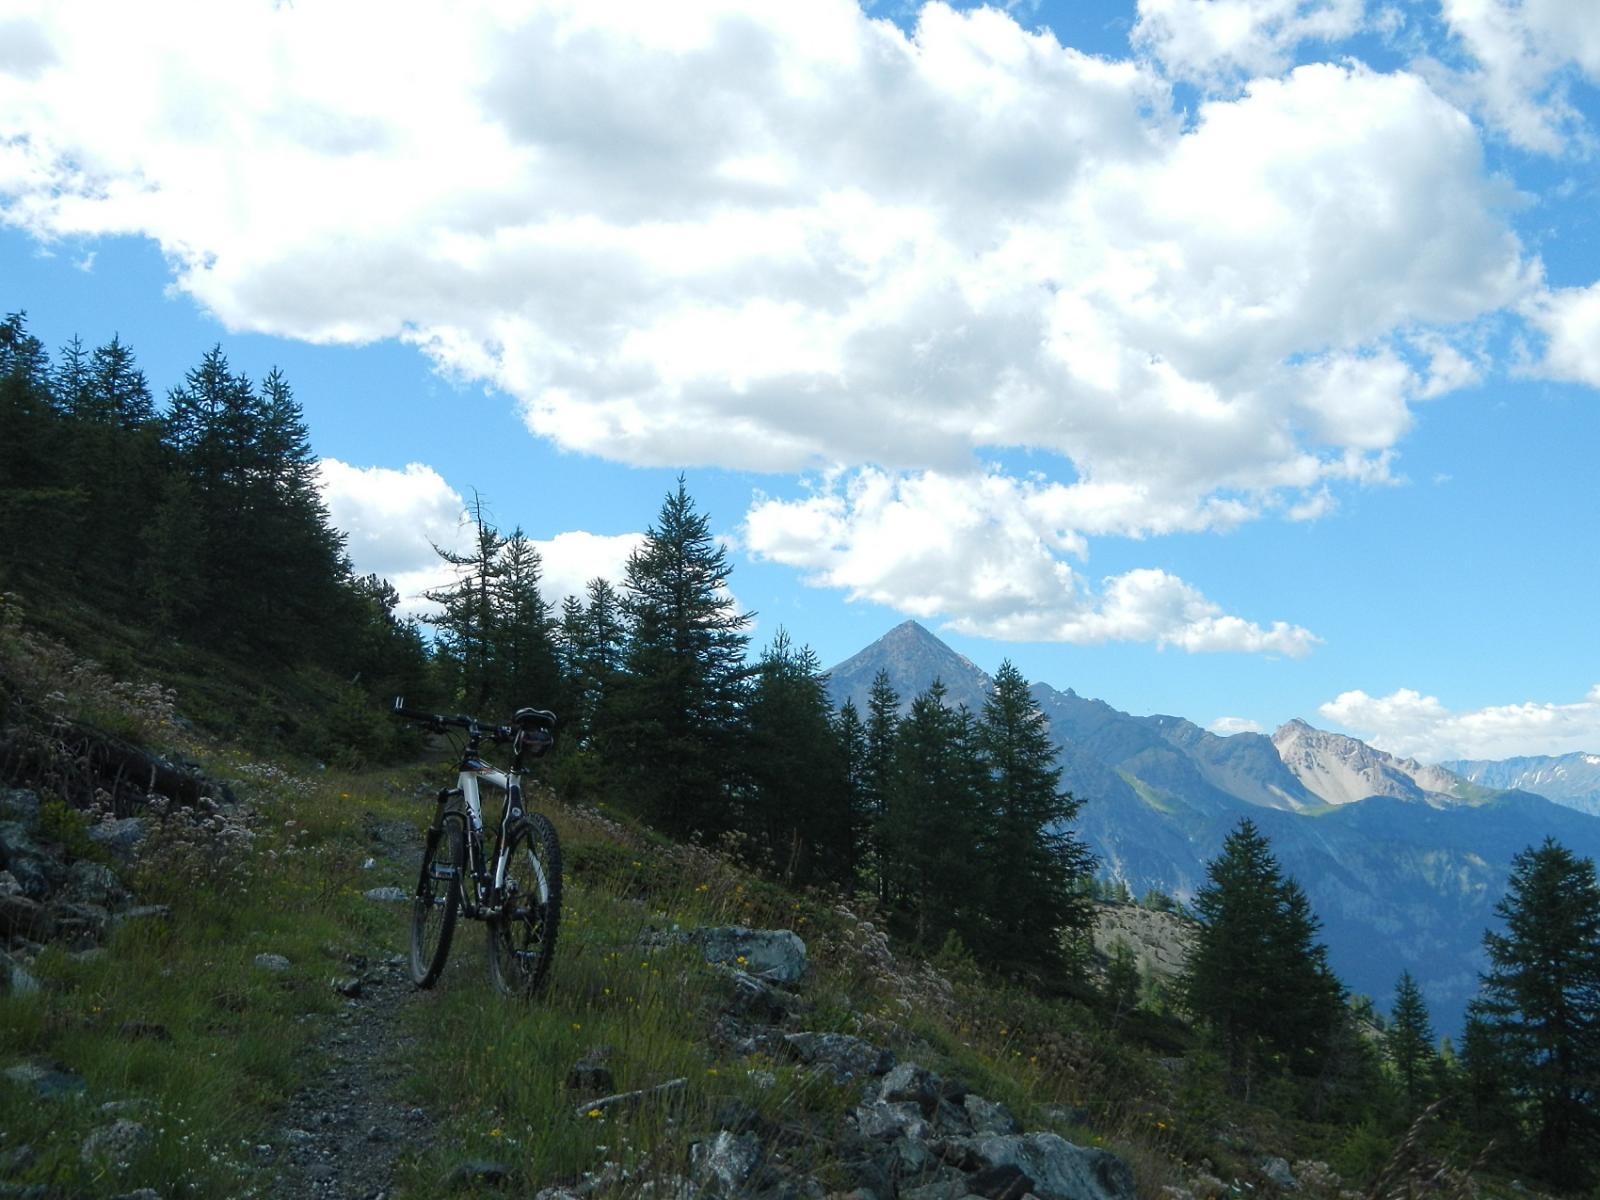 inizio del sentiero ben ciclabile; sullo sfondo il Monte Chaberton